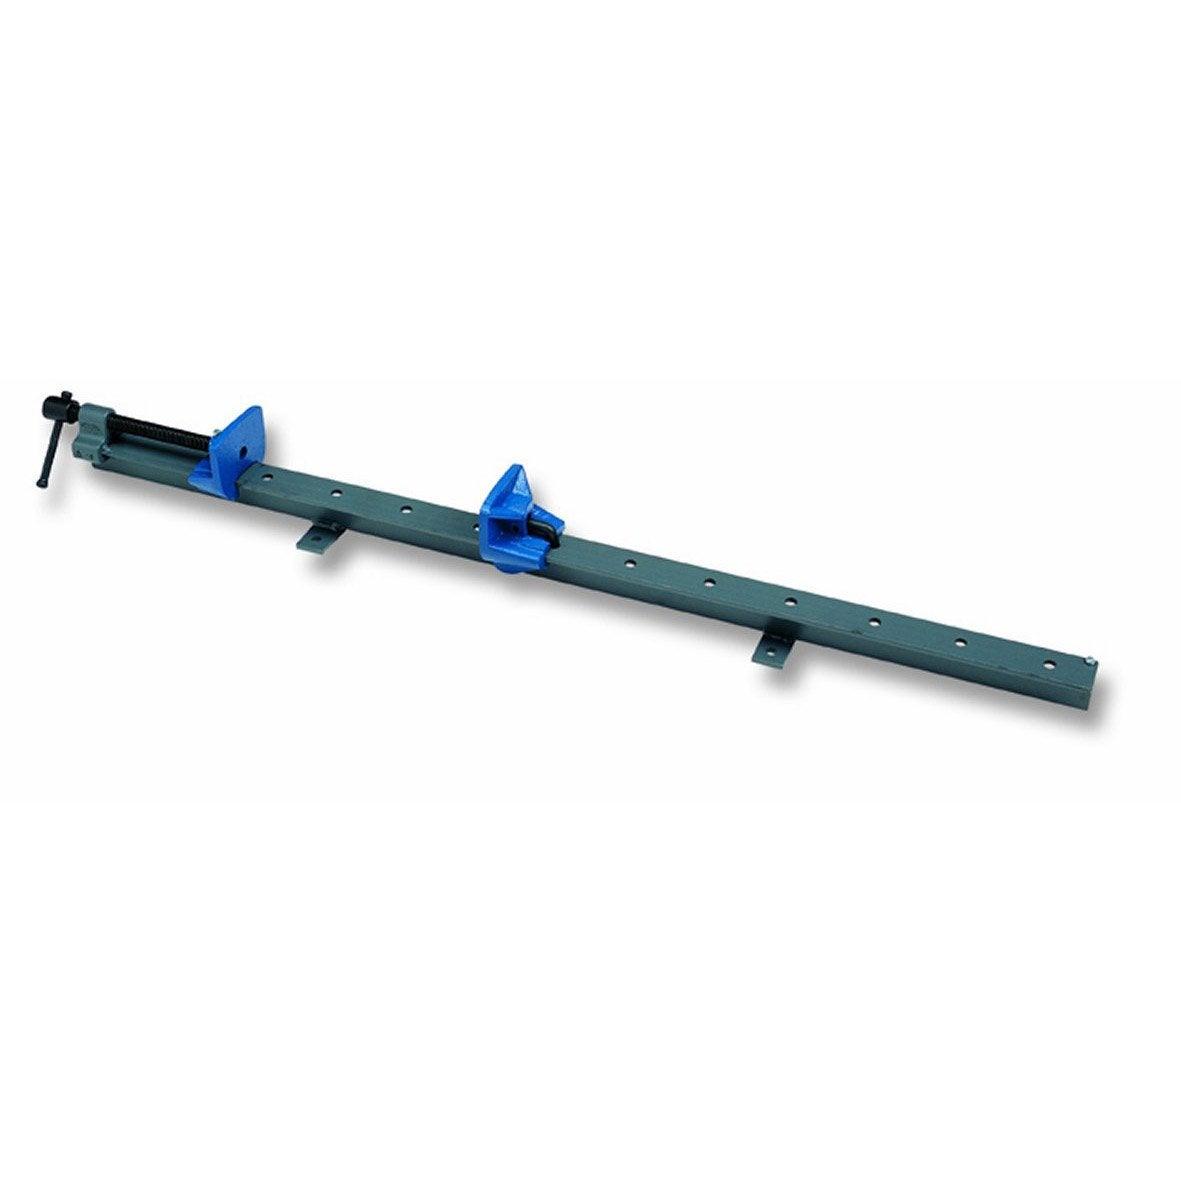 Serre joint pompe revex 800 mm leroy merlin - Pompe de relevage leroy merlin ...